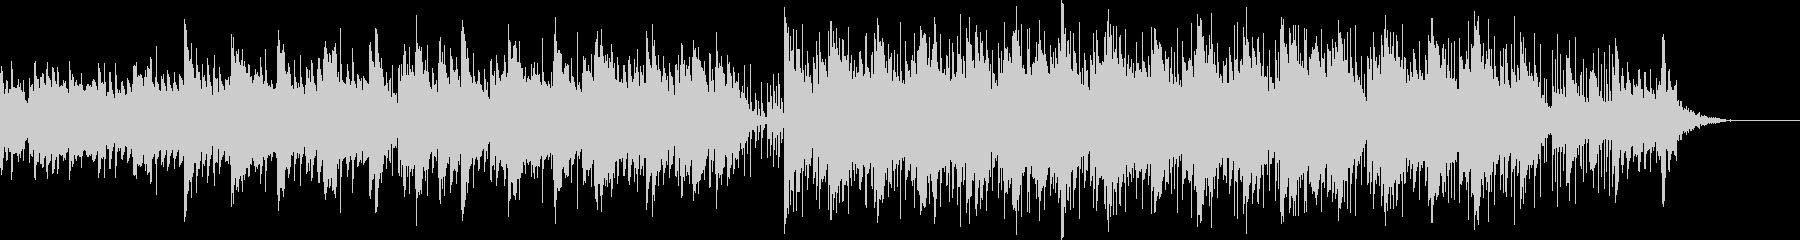 ストリーミング ハッピー EDM ピアノの未再生の波形